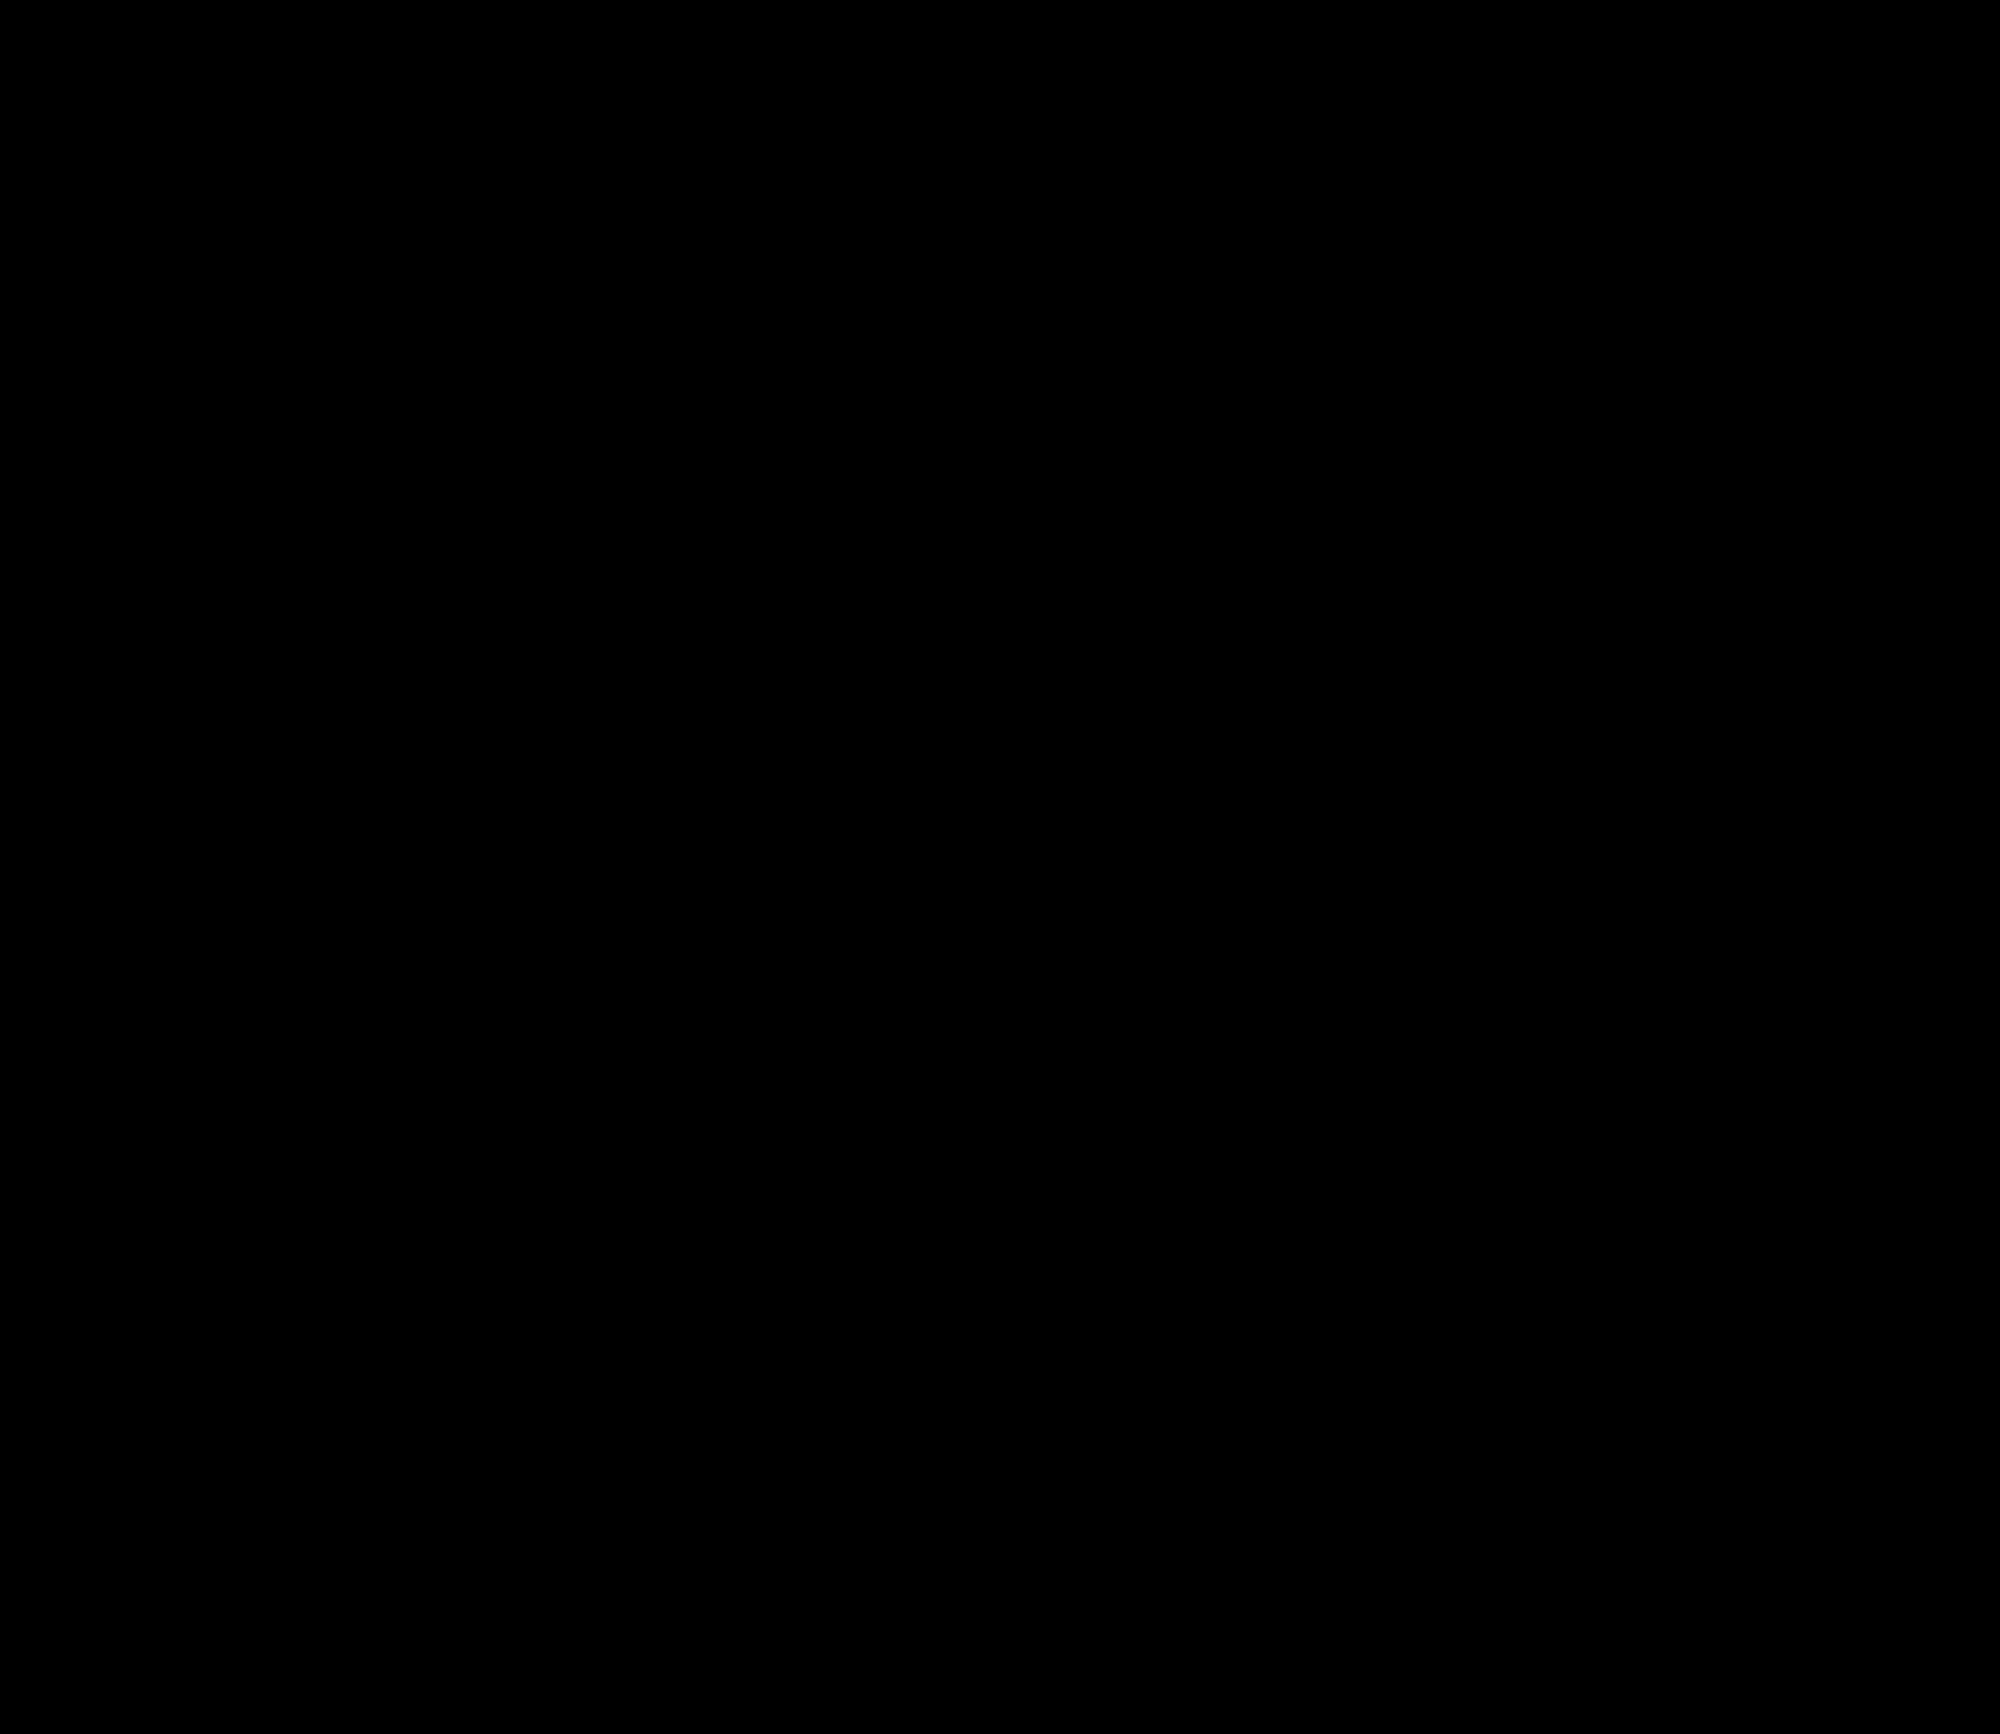 Embedded-logo-black.png